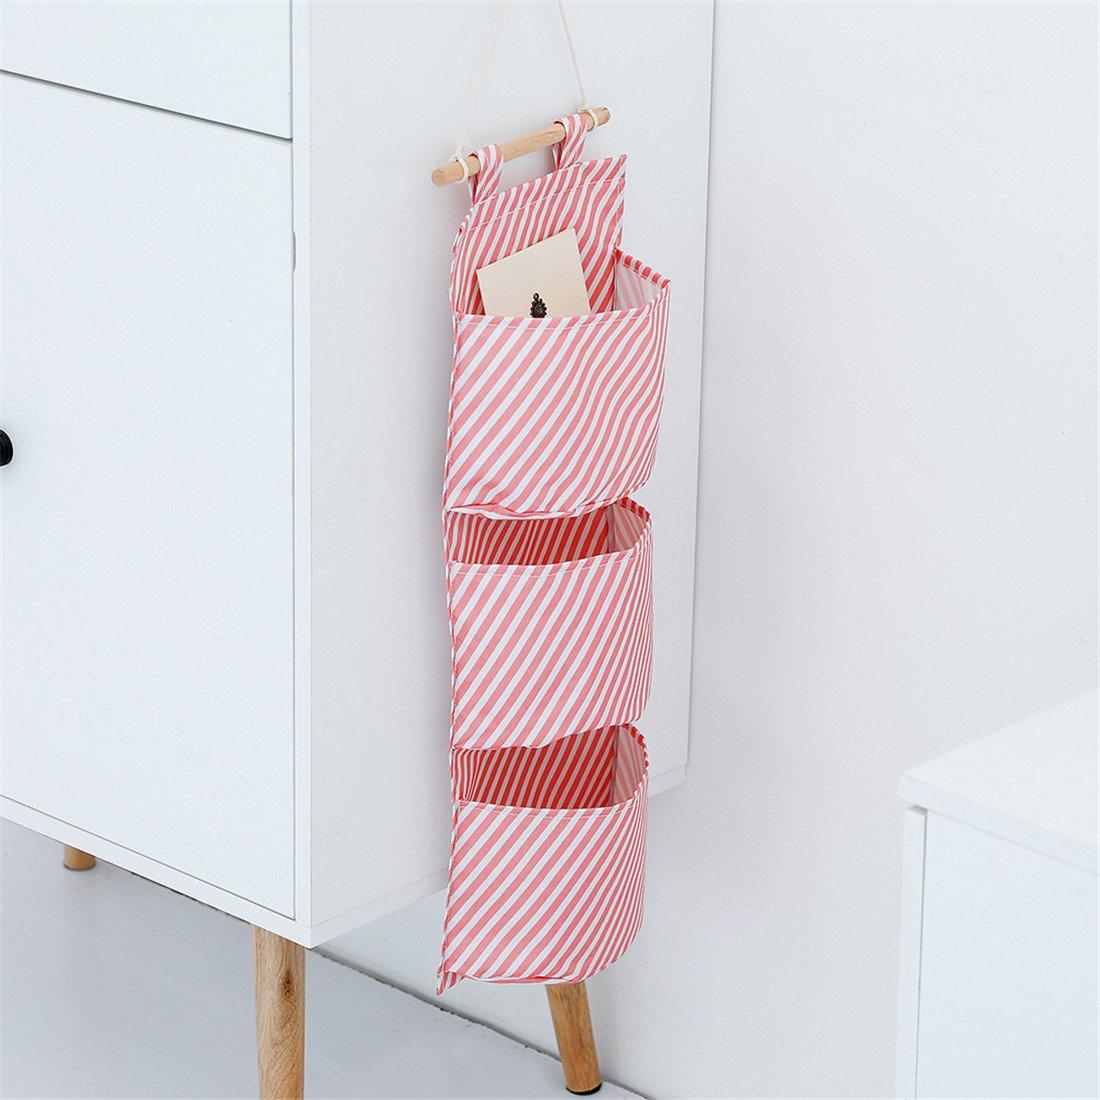 tela de Oxford Organizador de bolsas de almacenamiento impermeable Bolso de almacenamiento de pared 3 bolsillos sobre el organizador de la puerta de la sala de ba/ño Dormitorio de la cocina